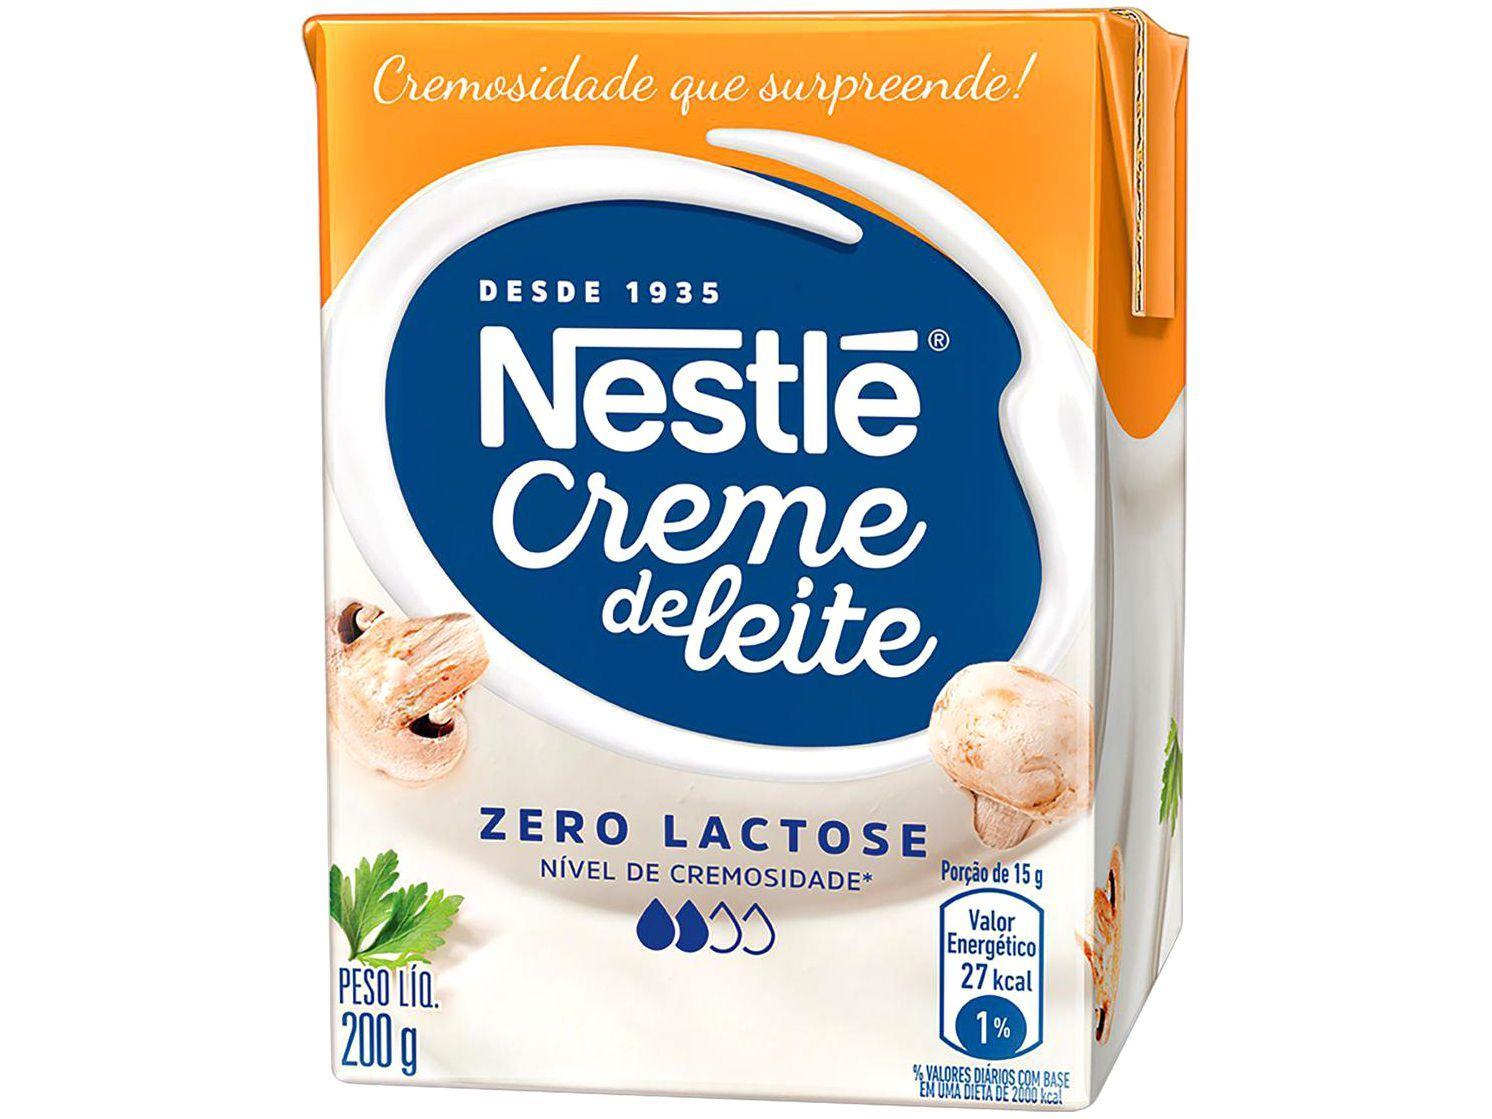 Creme de Leite Zero Lactose 200g Nestlé